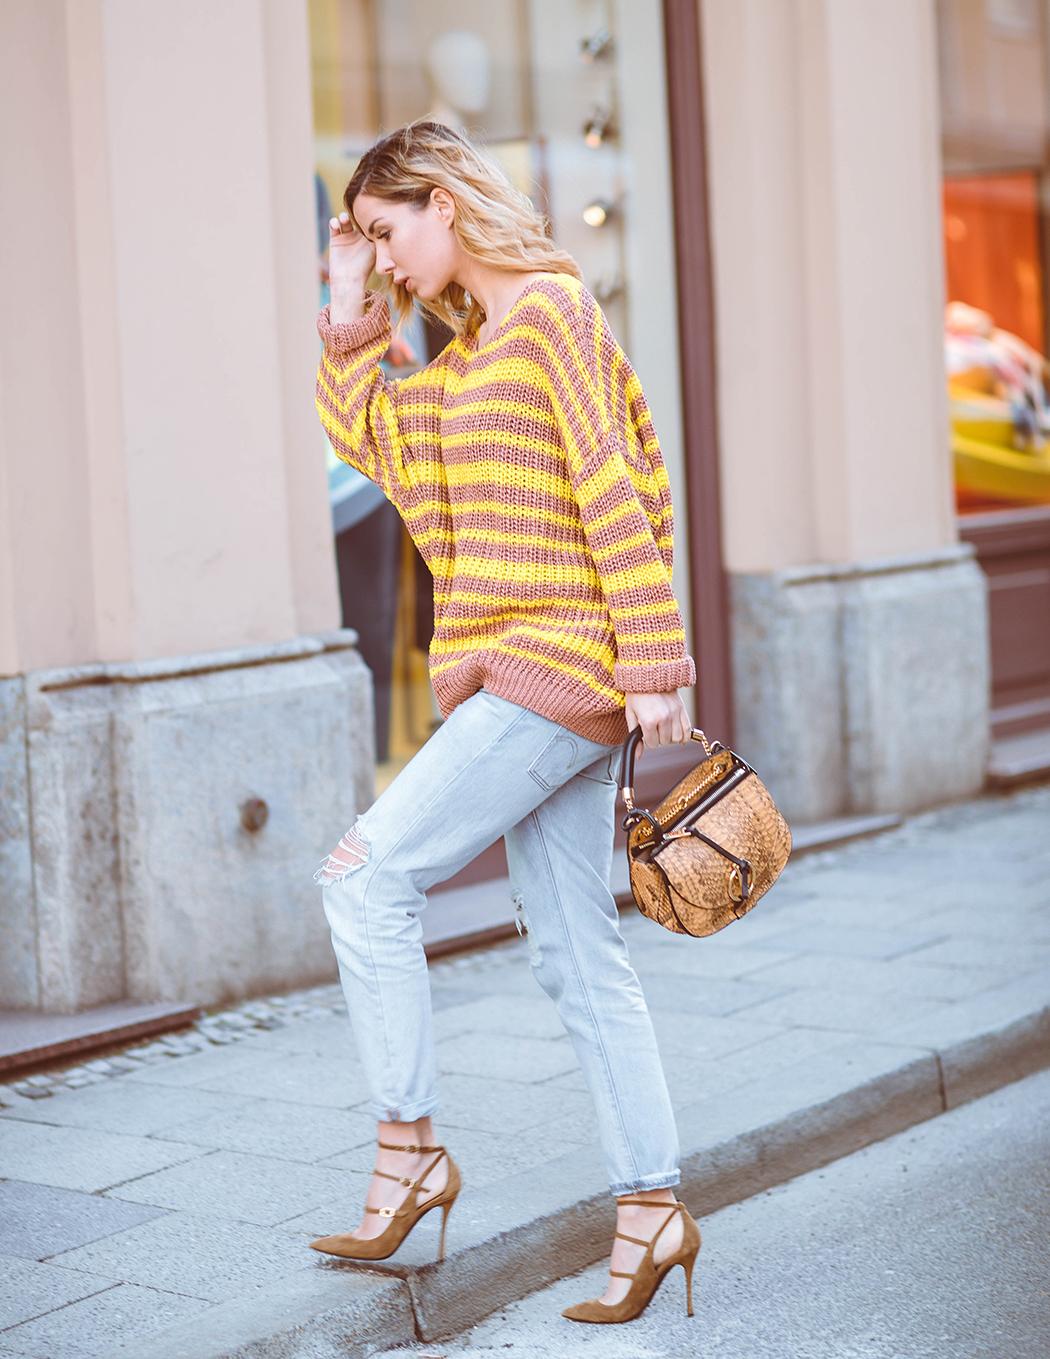 Fashionblog-Fashionblogger-Fashion-Blog-Blogger-Muenchen-Deutschland-American-Vintage-gelb-Lindarella-9-web